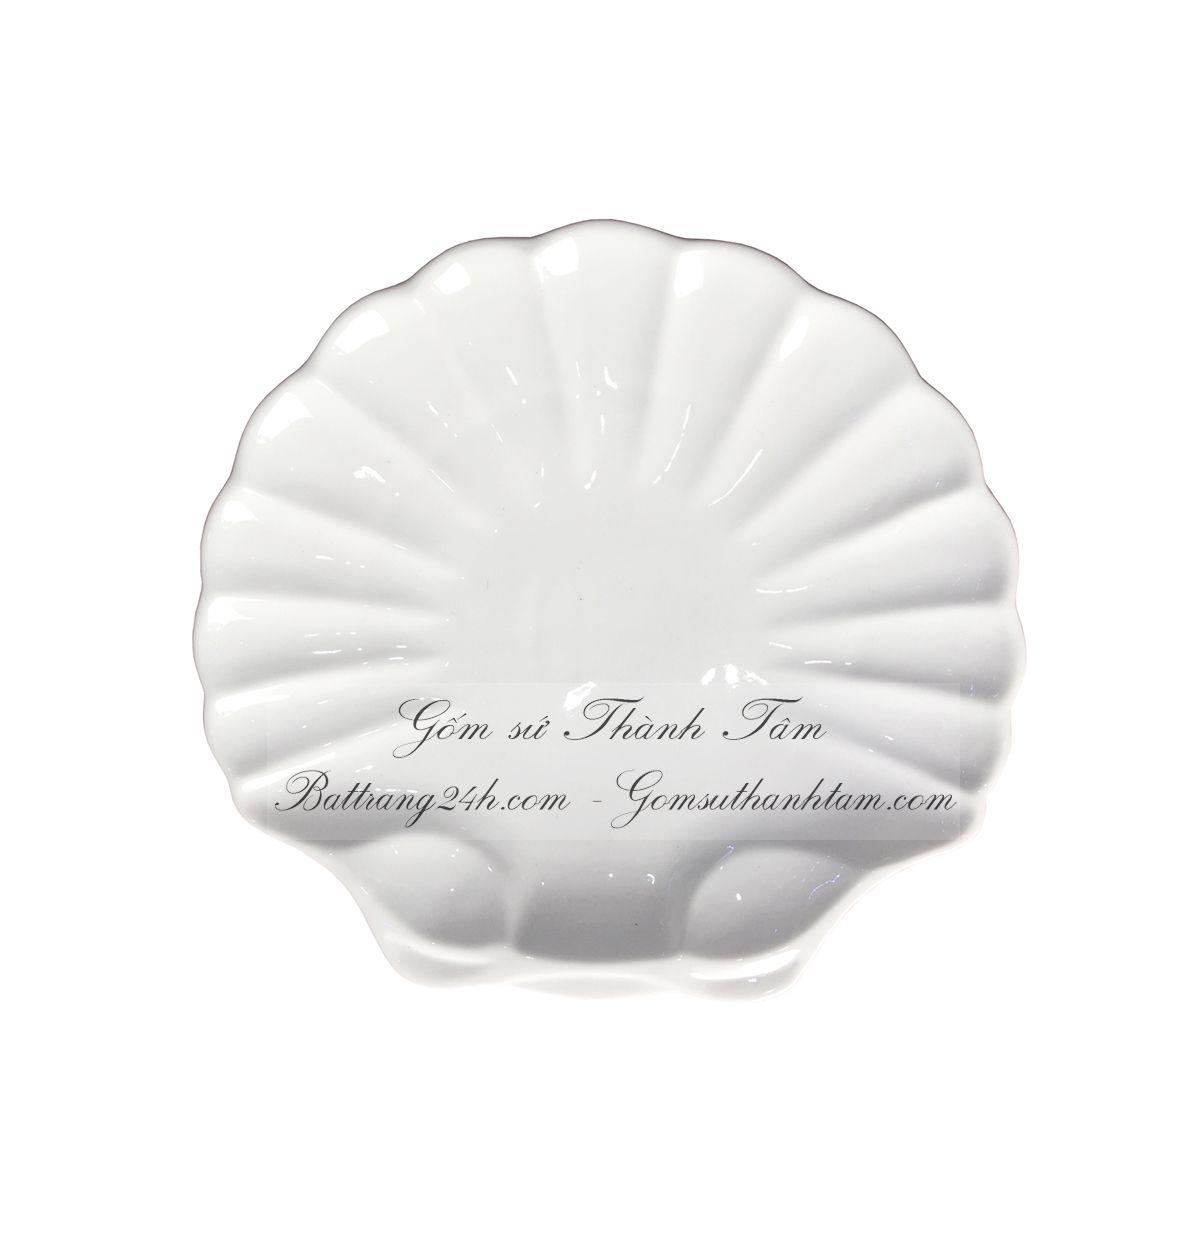 Bộ bát đĩa gốm sứ Bát Tràng đẹp nhà hàng coa cấp men trắng tinh, bộ bát đĩa sứ chất lượng giá rẻ